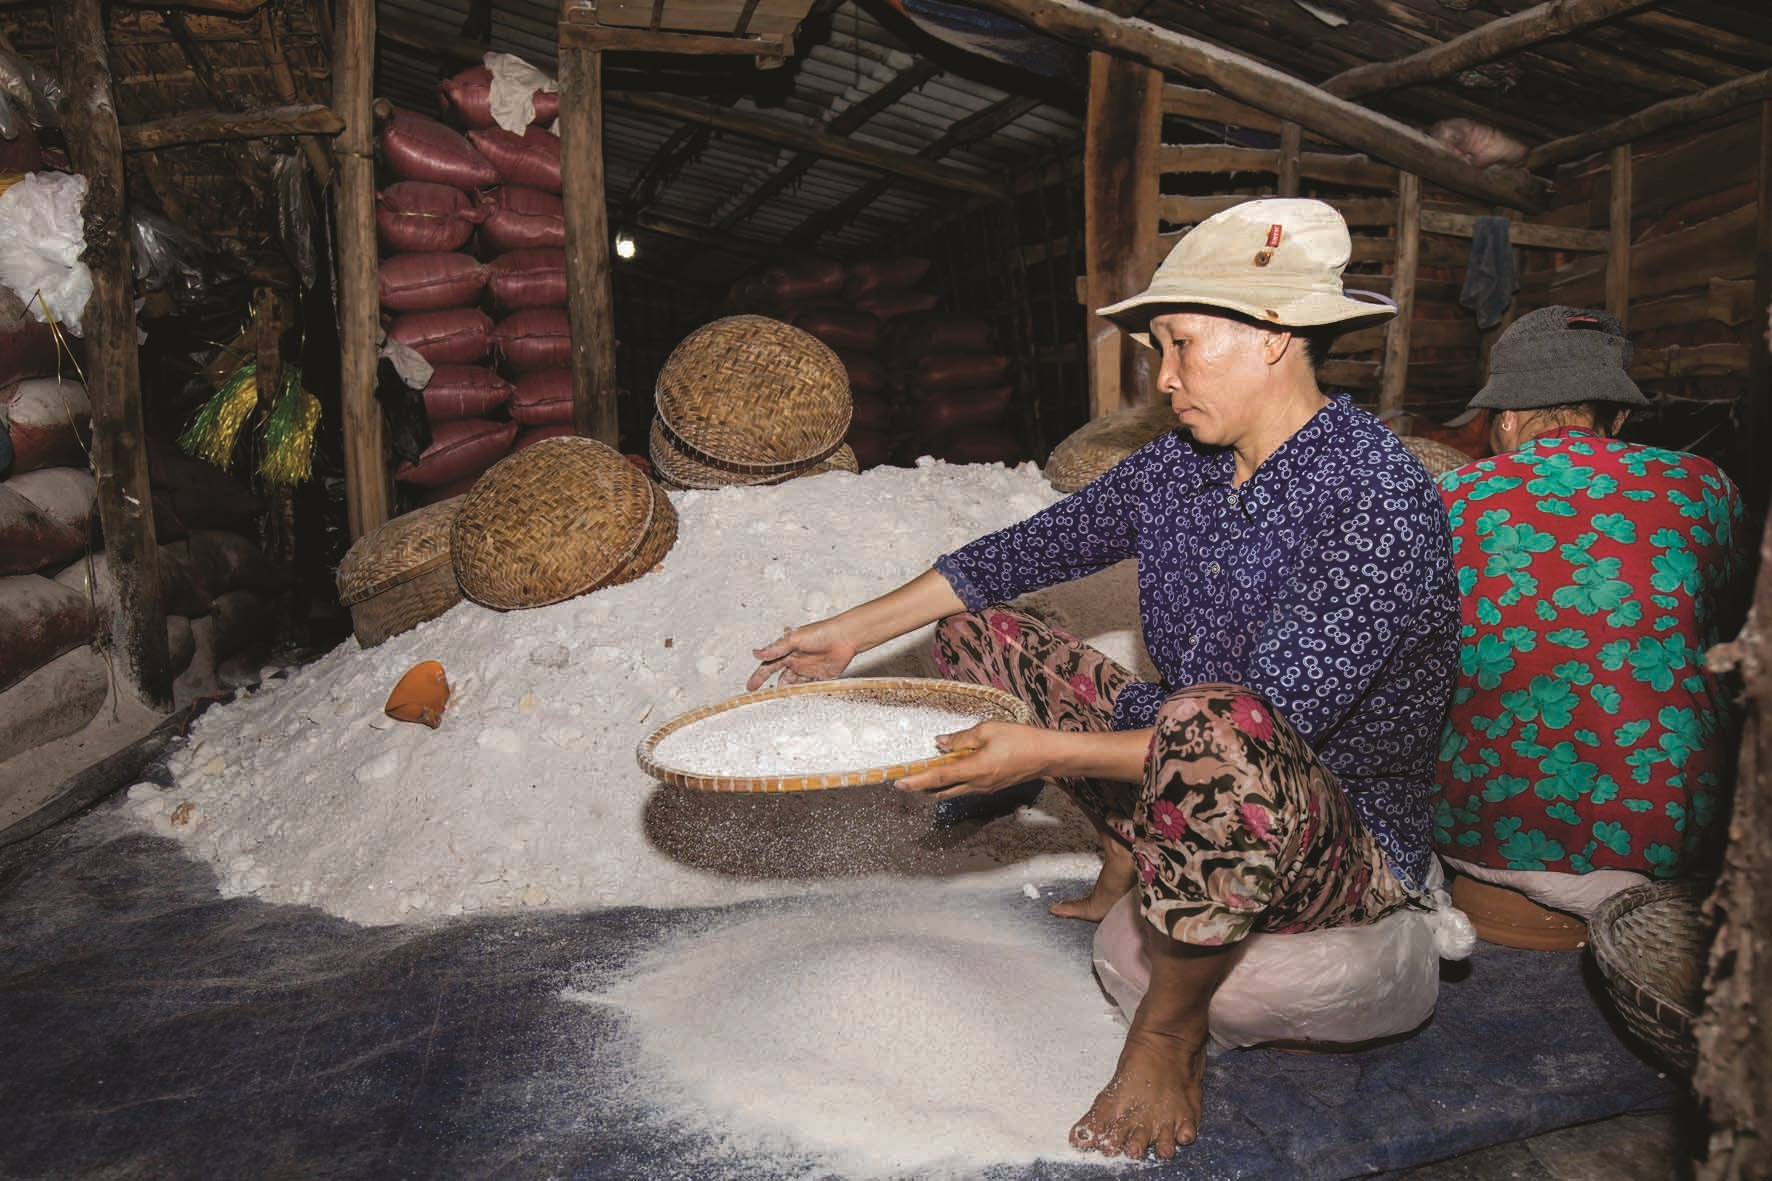 Muối sau khi ra lò được sàng lọc cẩn thận, phân loại trước khi đóng gói. Phụ nữ được trả công 100 - 200 nghìn đồng cho một đêm thức trắng.